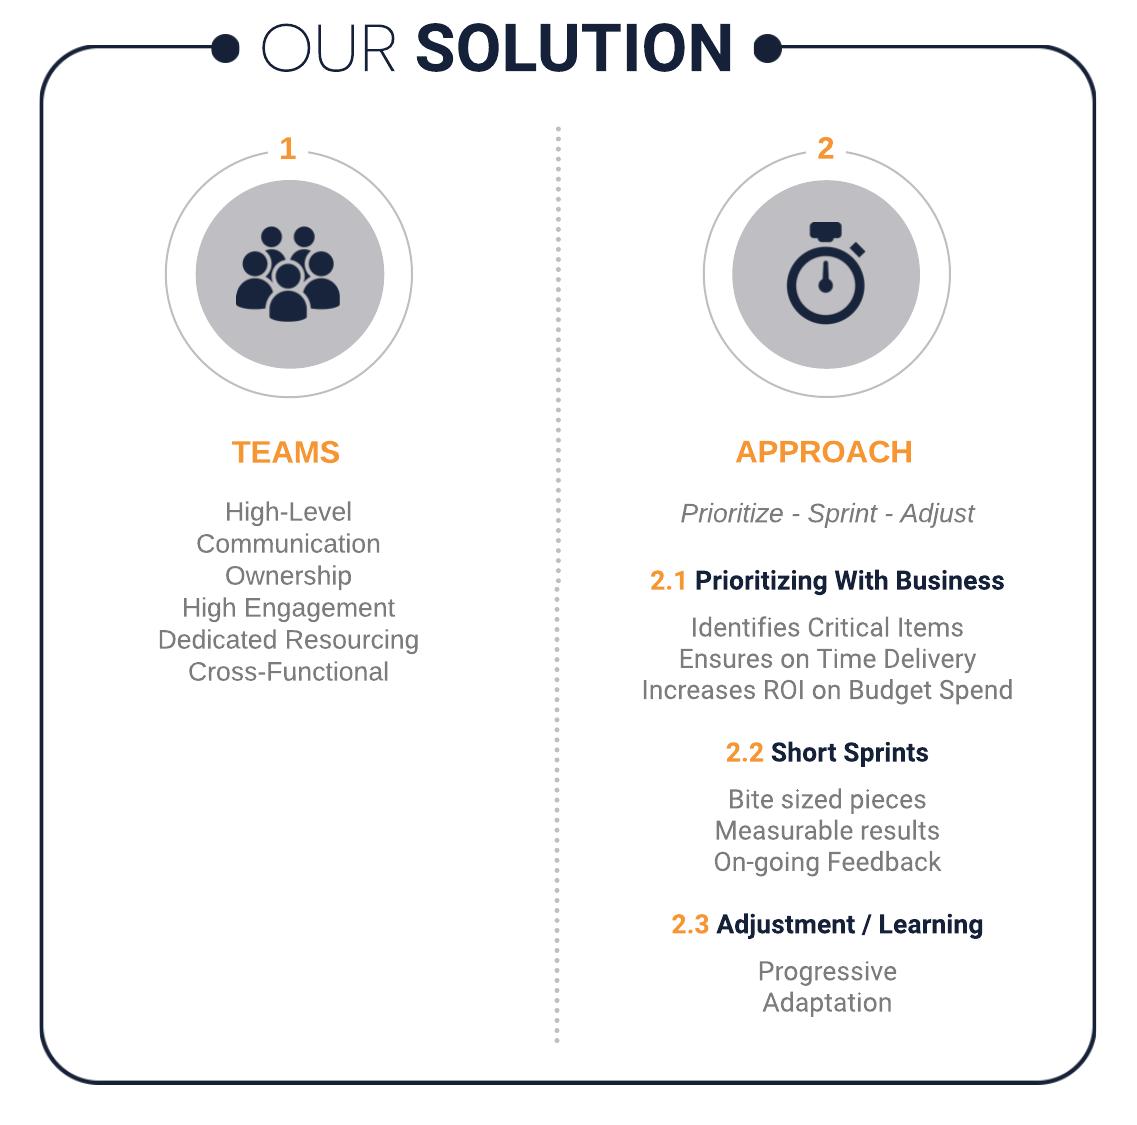 Tjene Website Updates - Our Solution.png